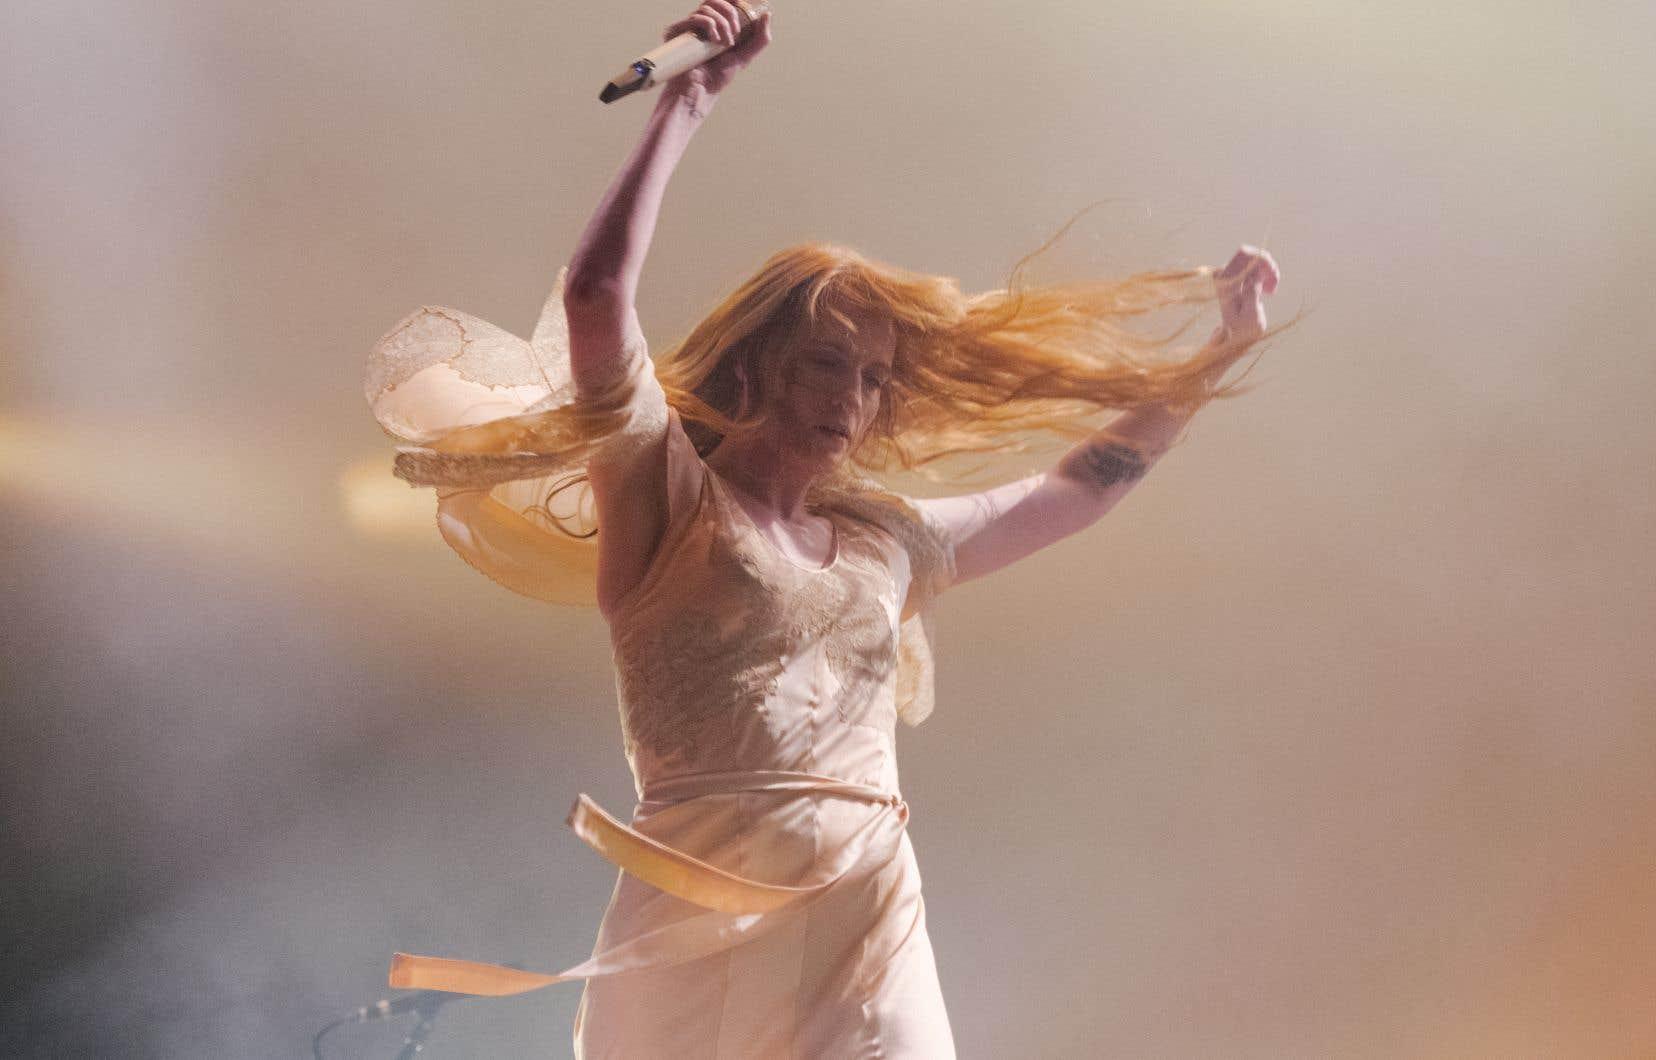 Elle brûle, la Londonienne Florence Welsh, pieds nus sur scène, vêtue d'une longue robe blanche qui lui confère cette aura de prêtresse de la pop.